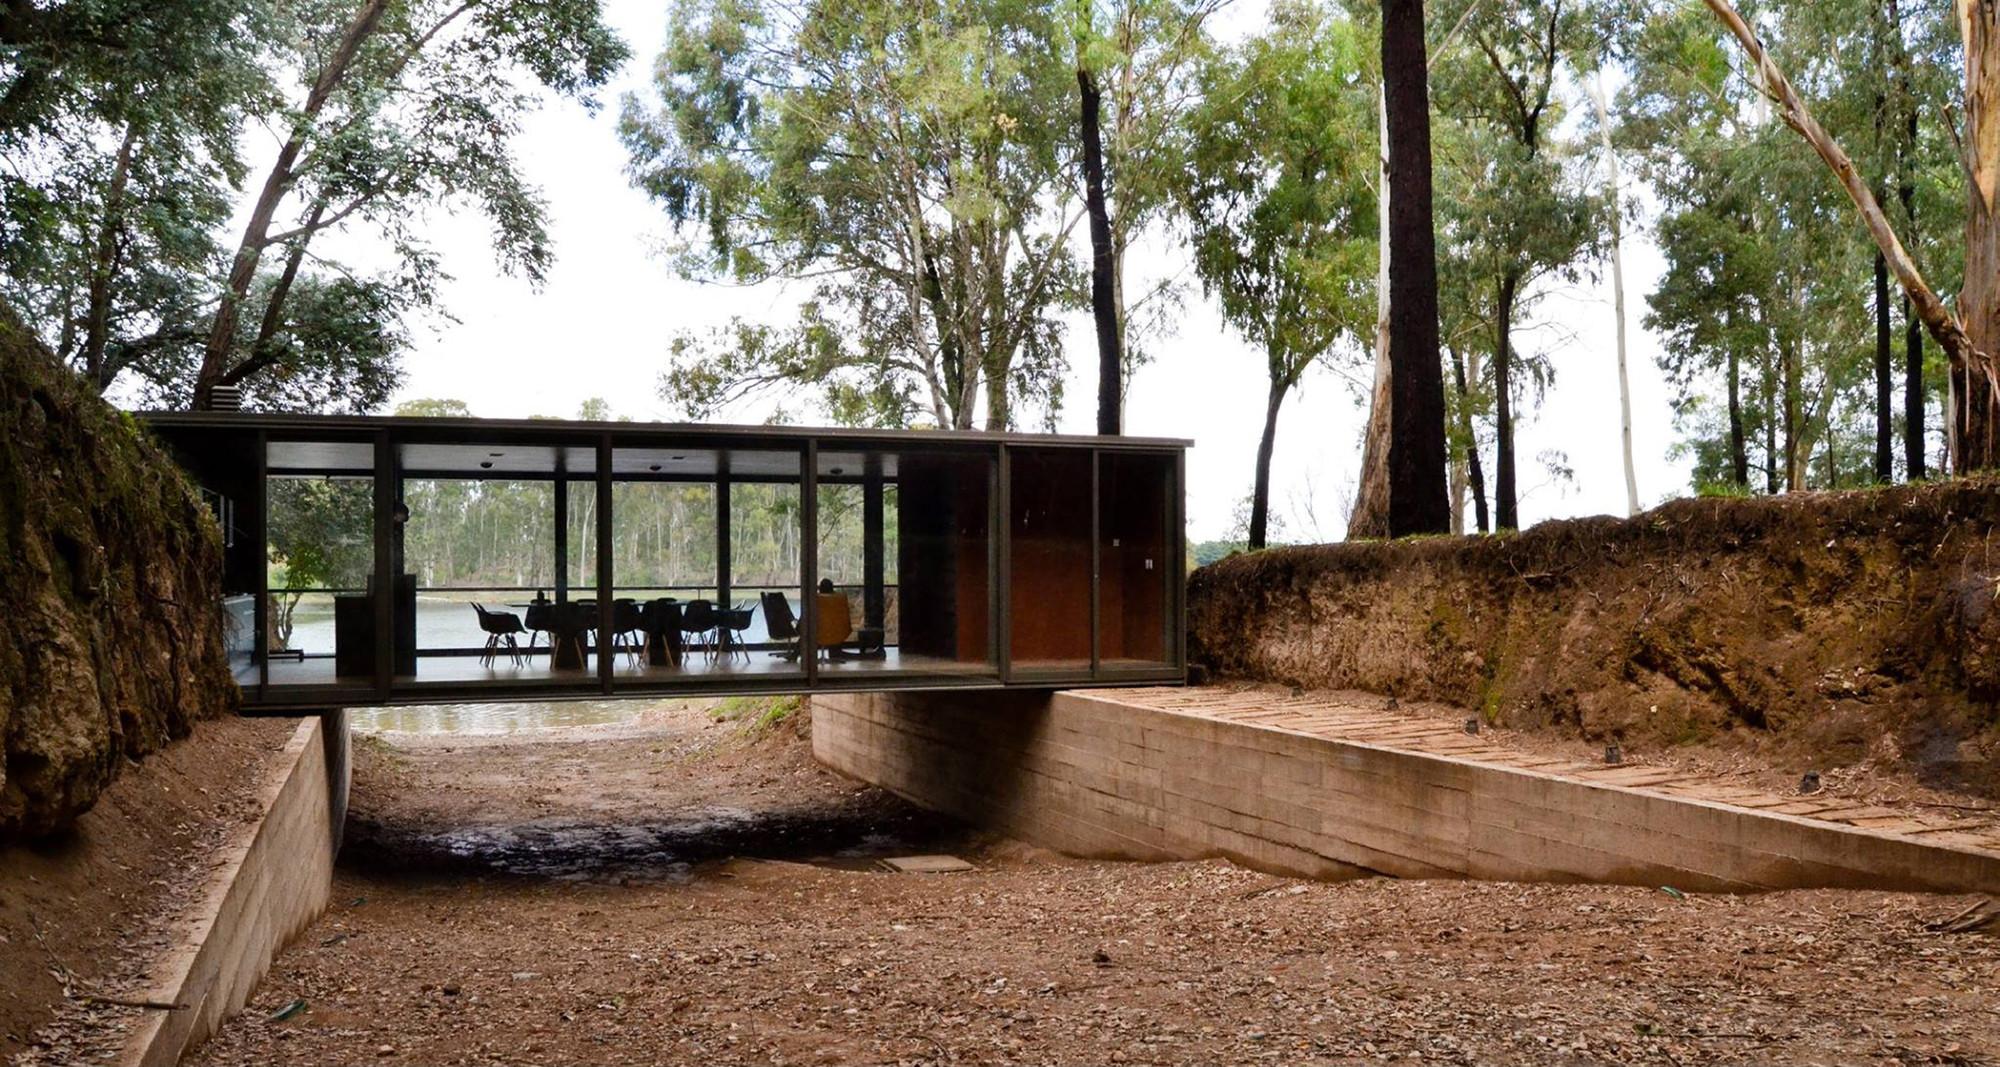 Bridge Pavilion / alarciaferrer arquitectos, © Lucas Carranza